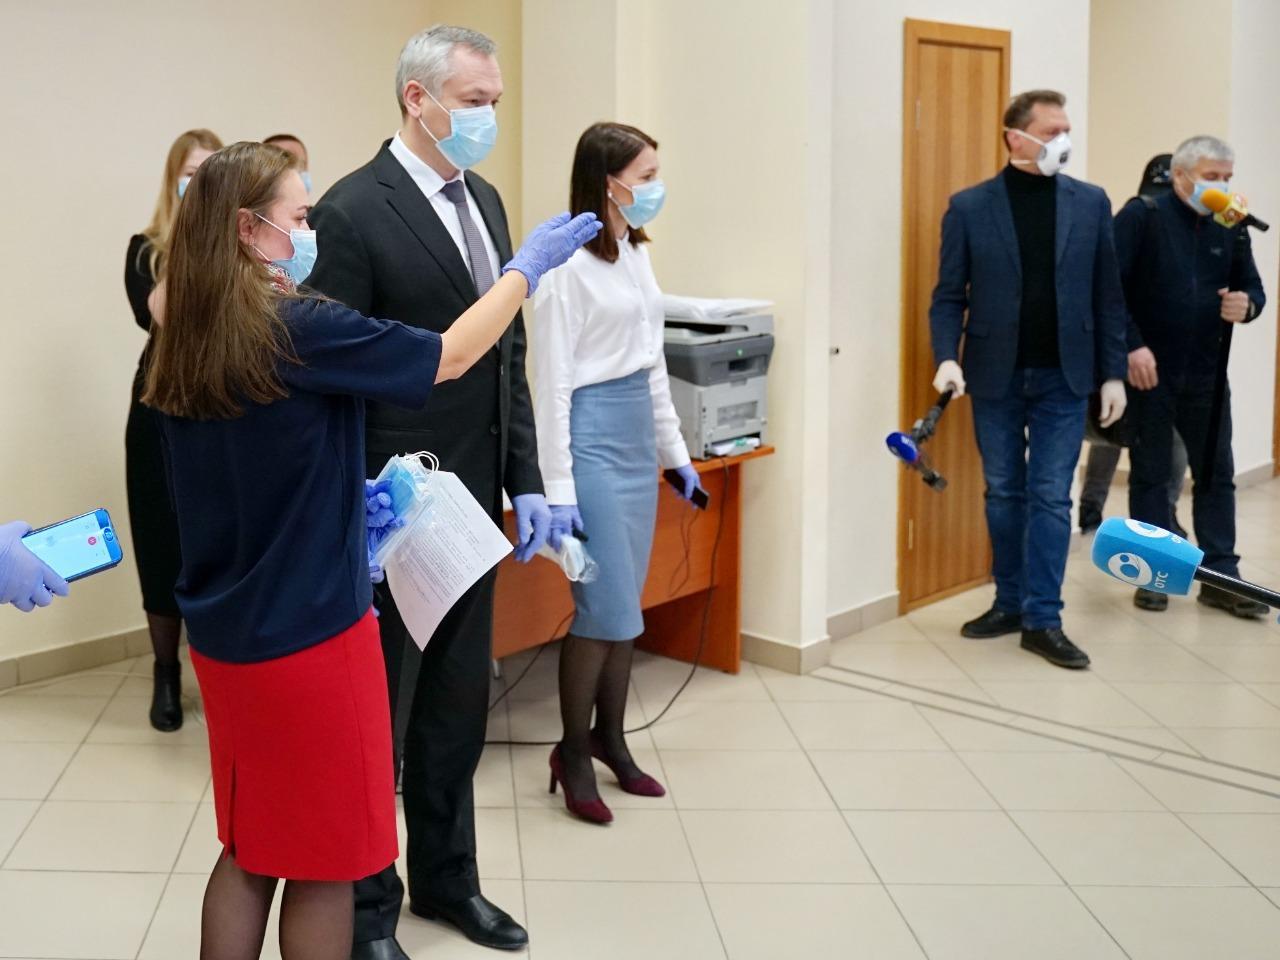 Фото Андрей Травников стал на время добровольцем и лично позвонил получившей помощь пенсионерке 4